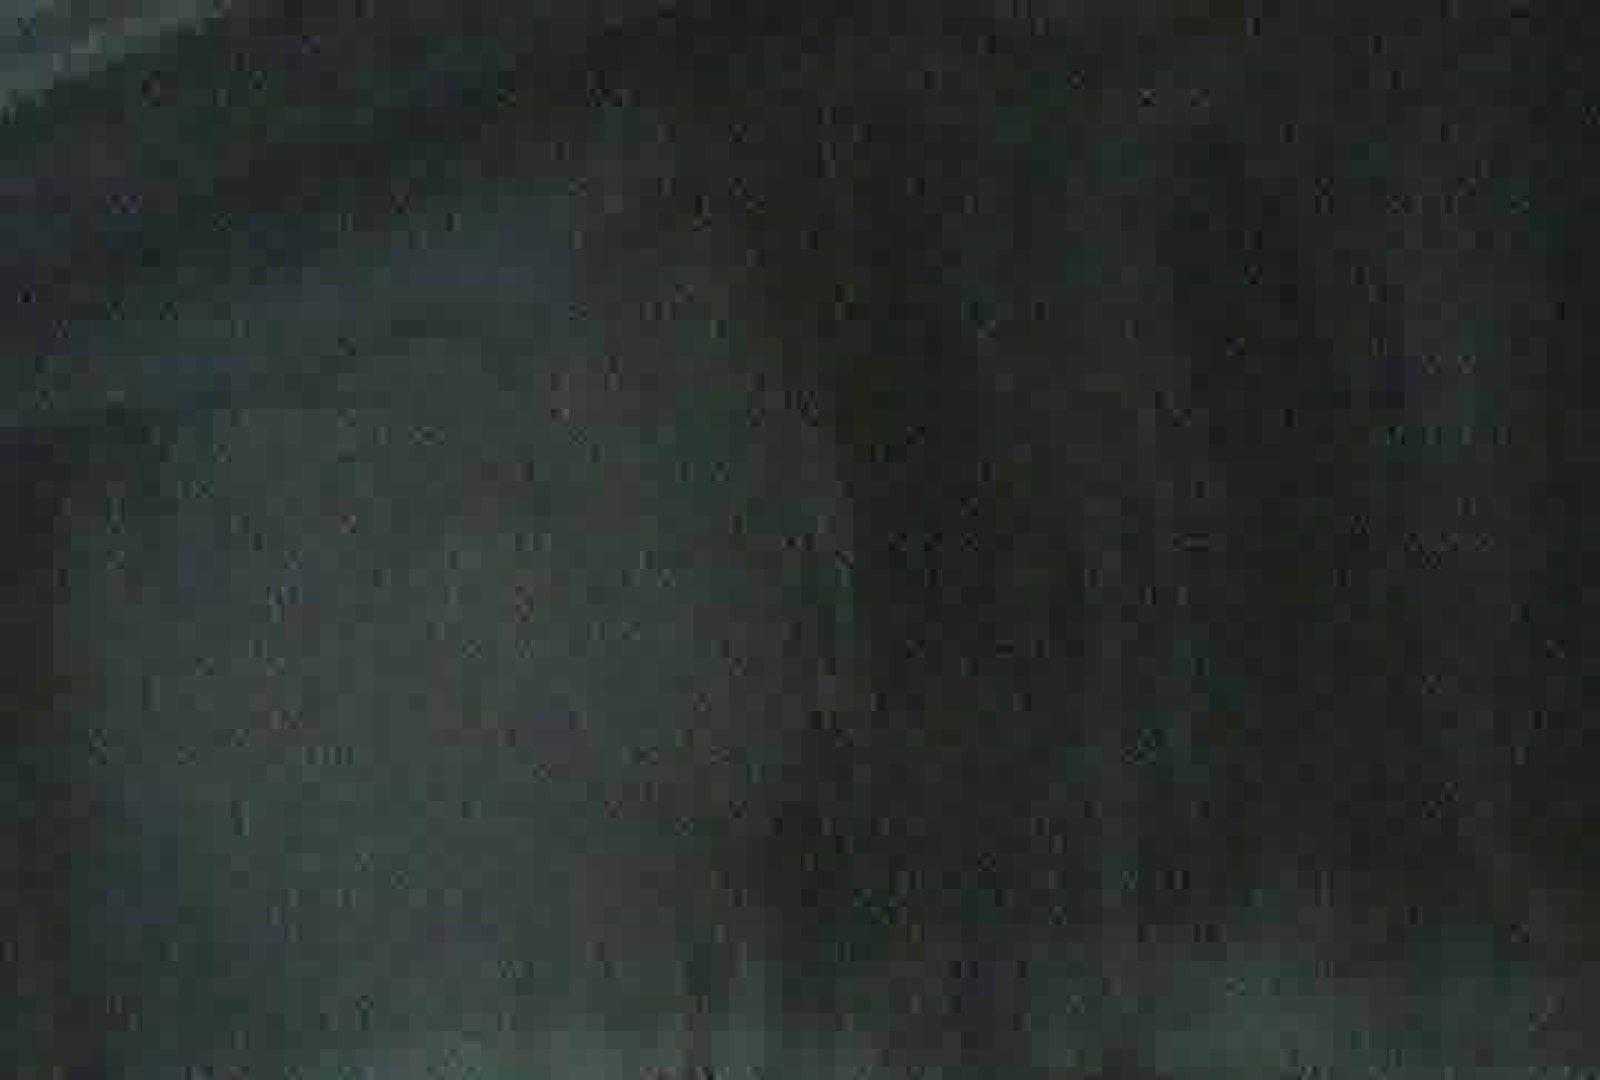 充血監督の深夜の運動会Vol.73 OLセックス 盗撮われめAV動画紹介 49画像 14